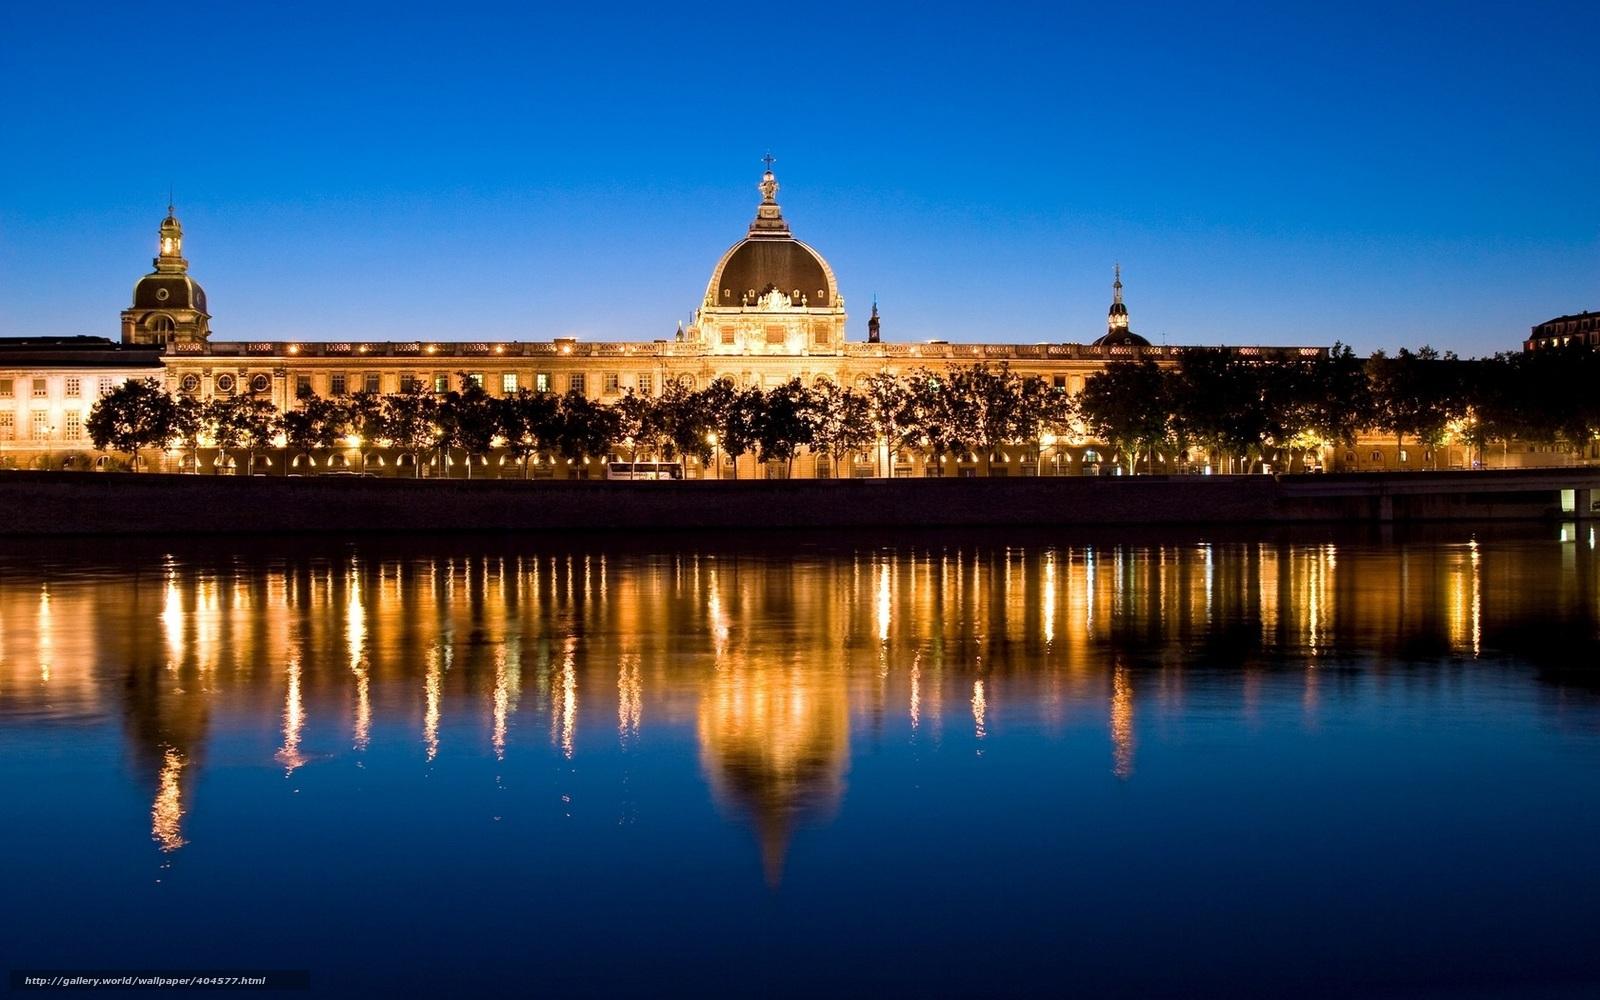 Лион франция европа вечер ночь река